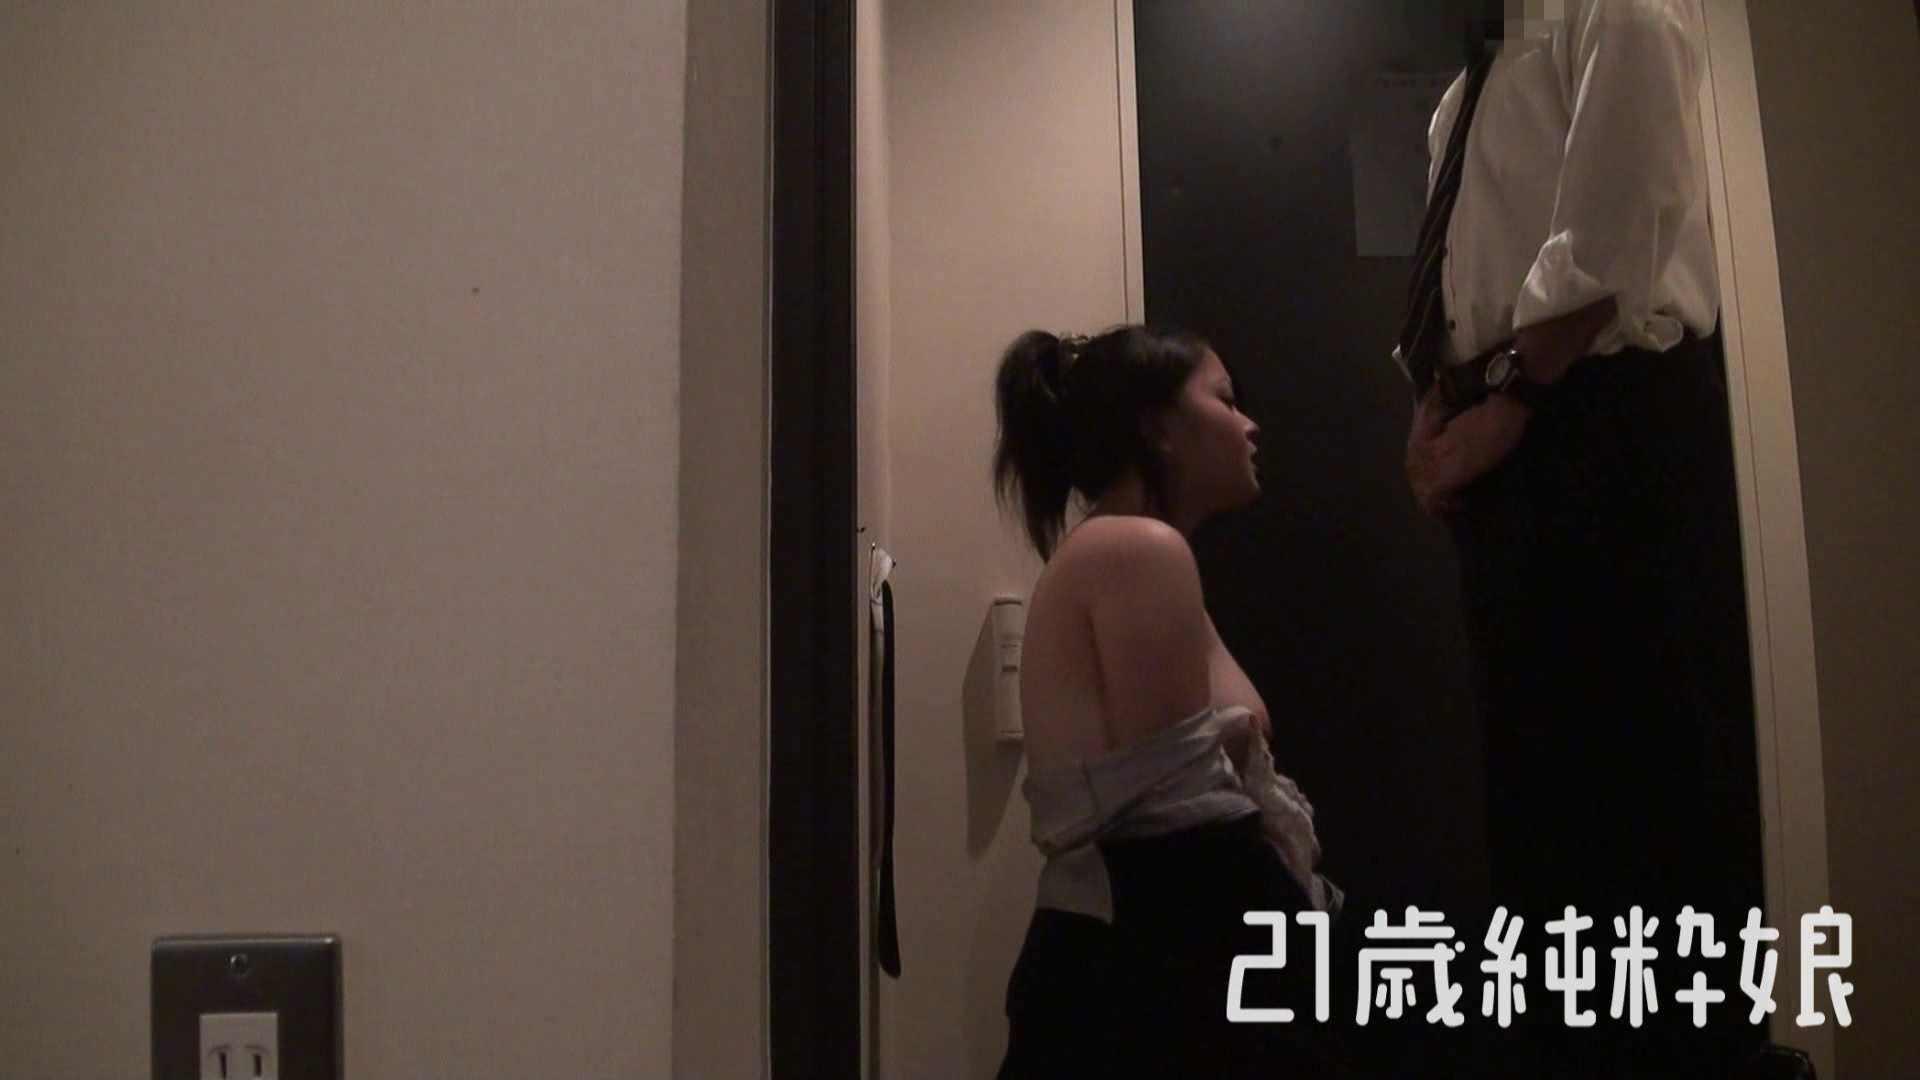 上京したばかりのGカップ21歳純粋嬢を都合の良い女にしてみた 学校 | 投稿映像  86pic 49